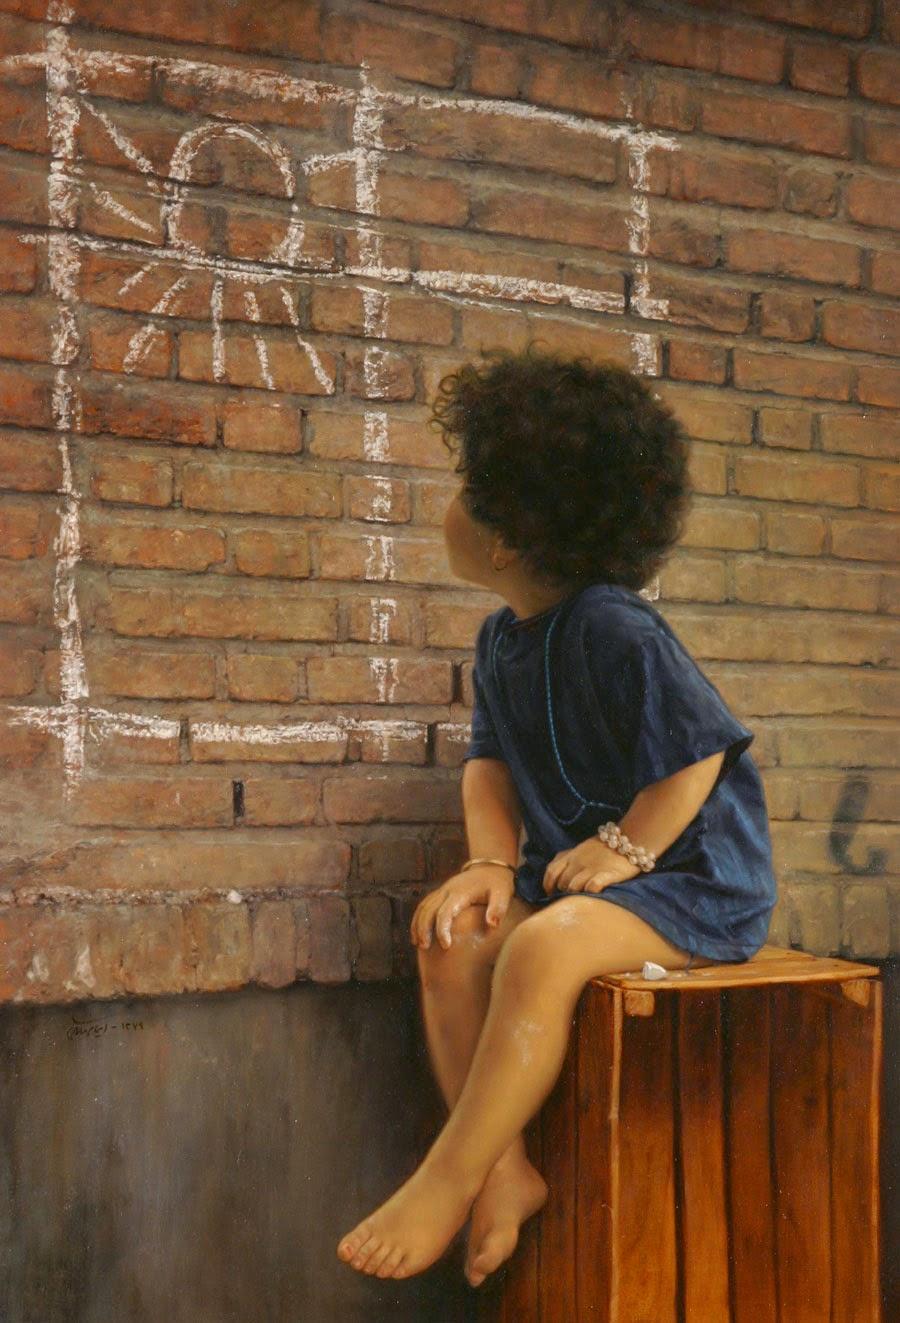 Desejo - Iman Maleki e suas pinturas realistas ~ Pintor iraniano